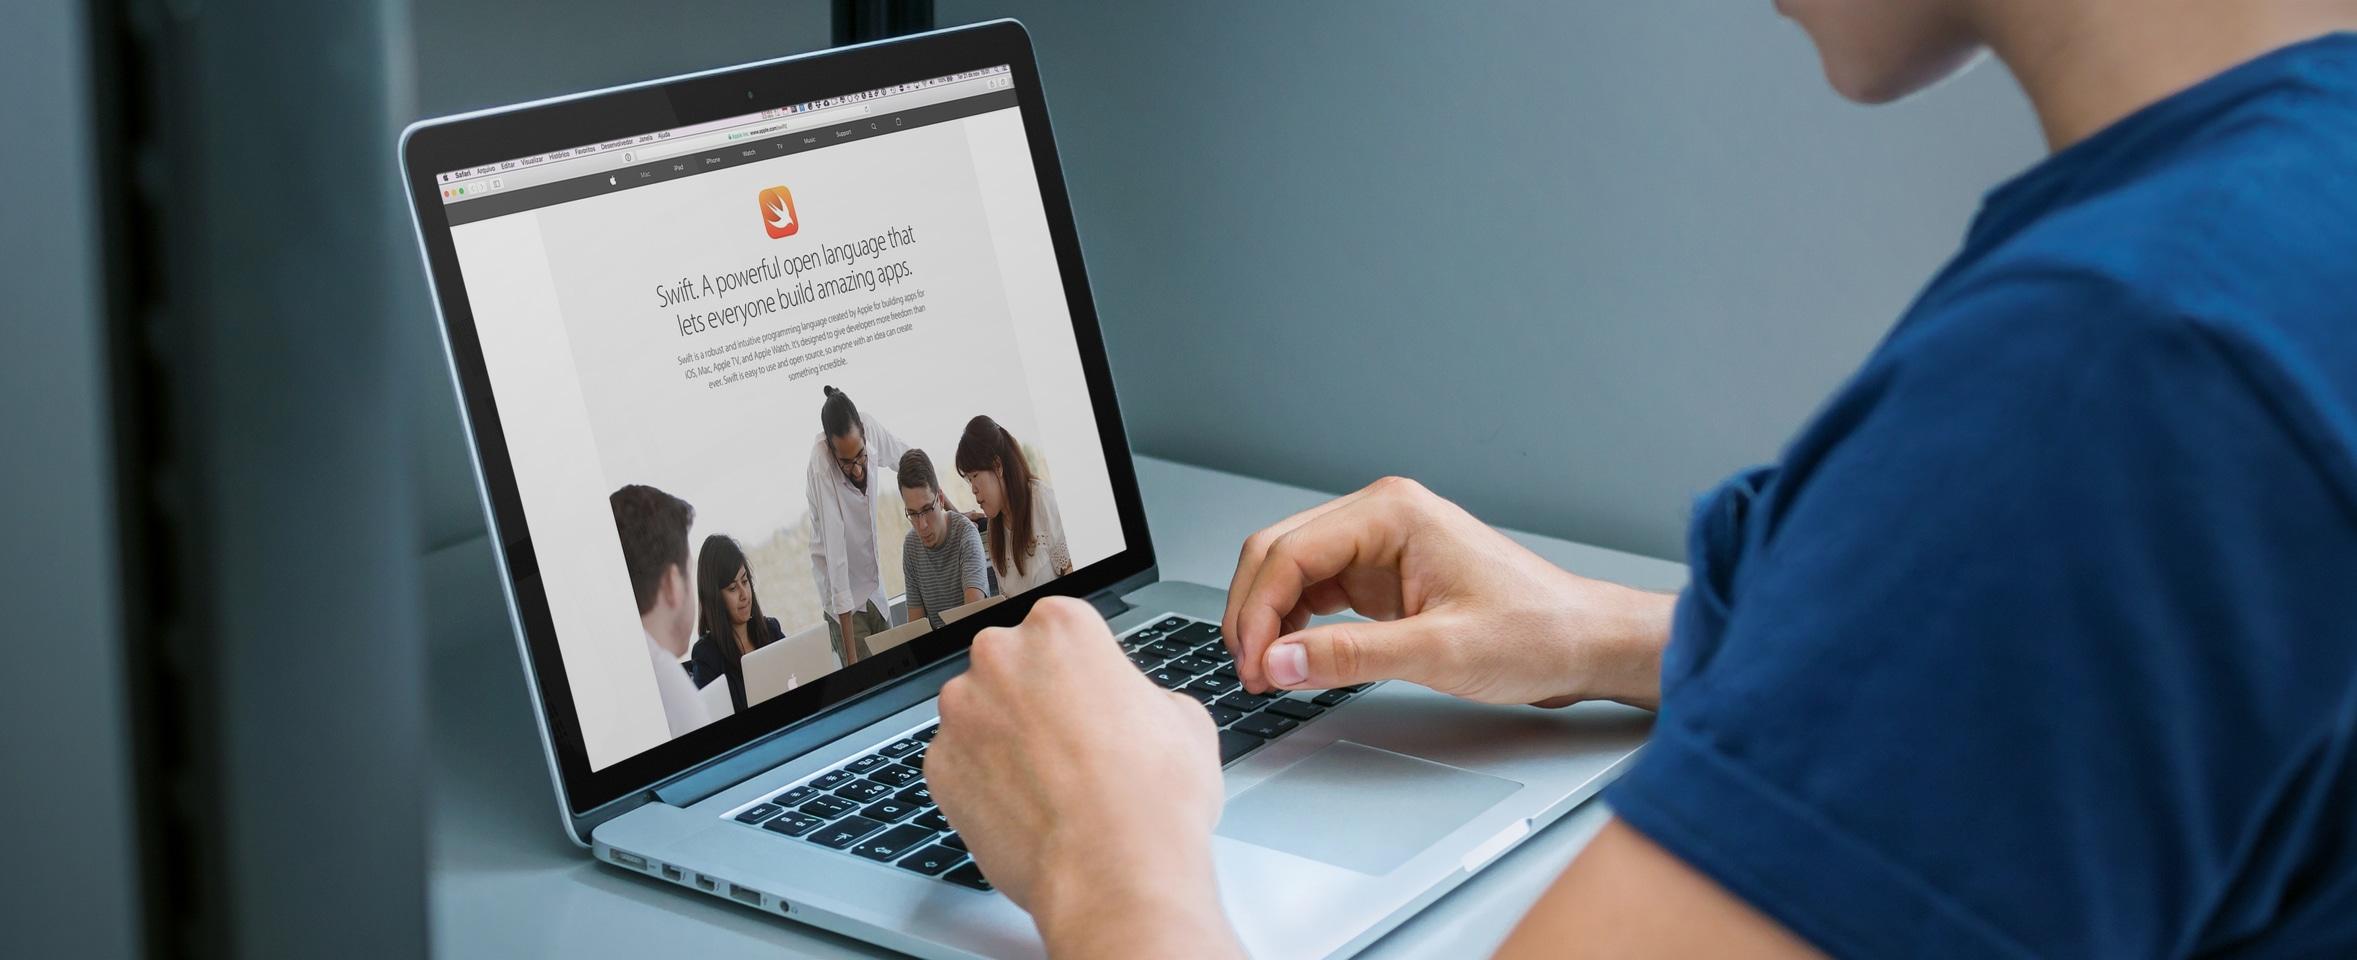 Site da Swift num MacBook